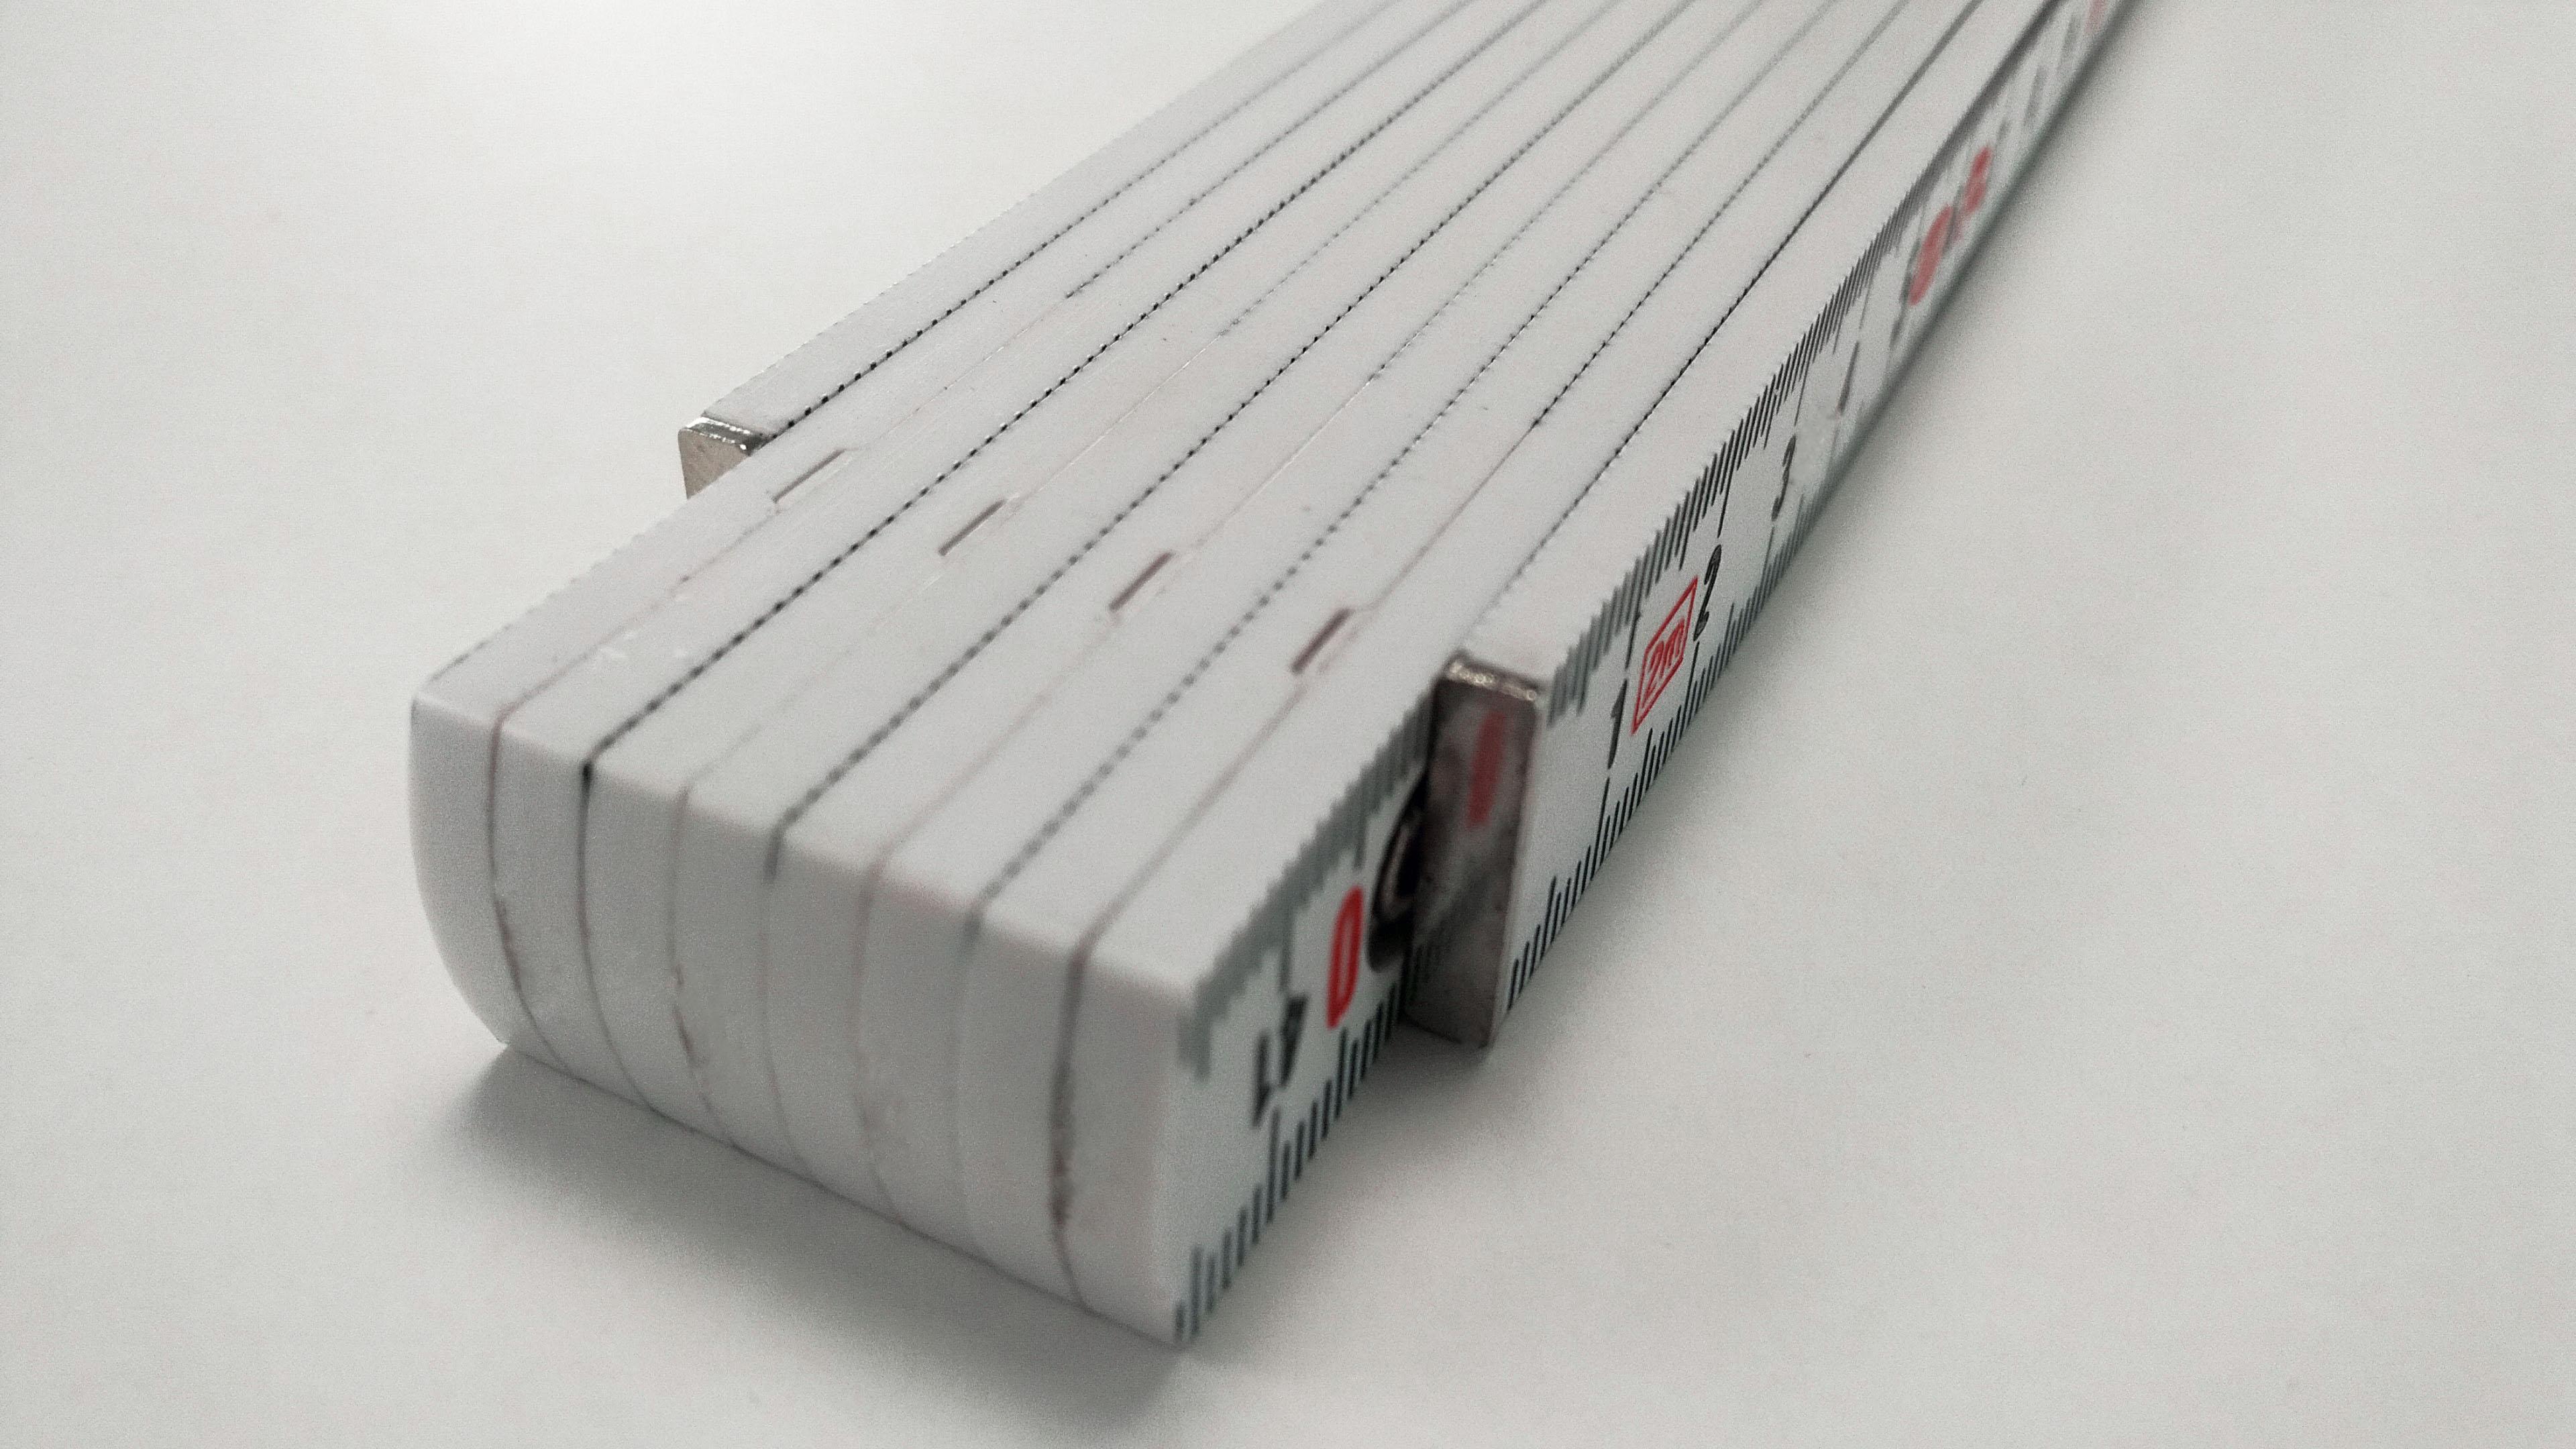 Kunststoff Zollstock mit Metallenden